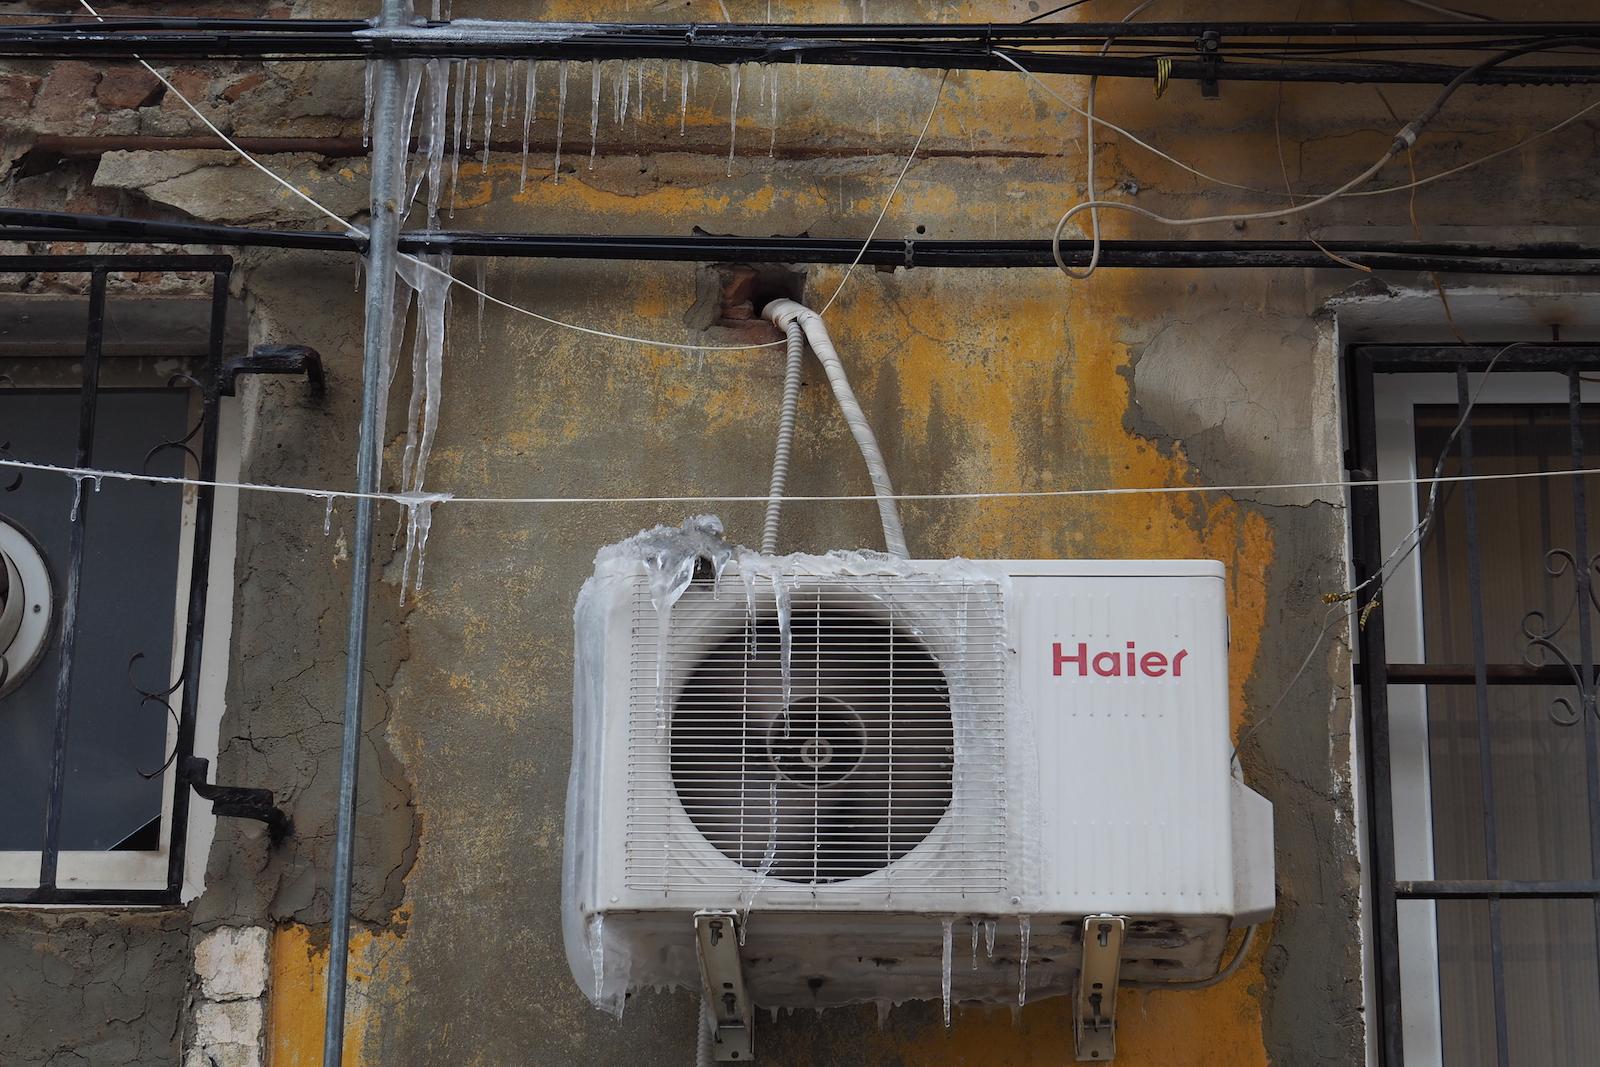 Klimaanlage an der Hauswand, von Eis bedeckt.